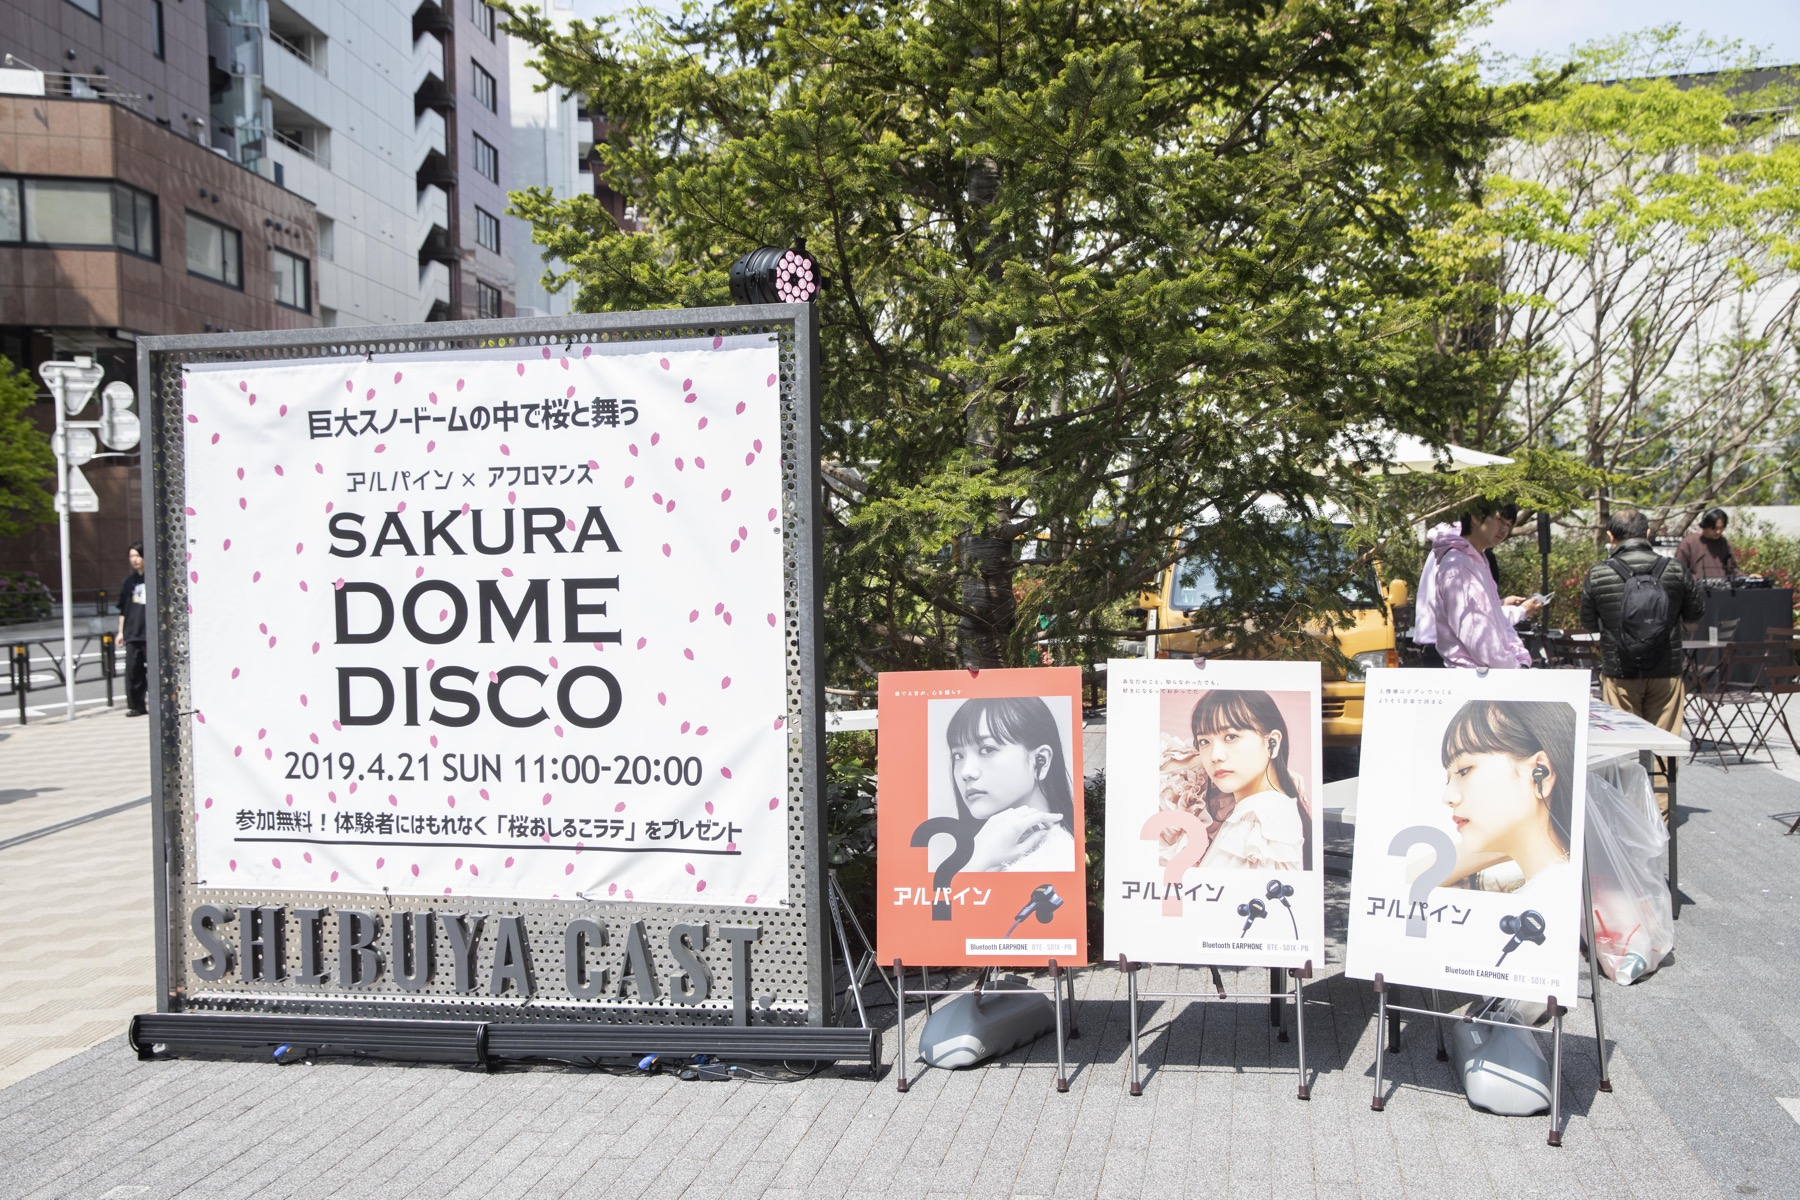 190421_SAKURA DOME DISCO_top20 - 1 / 20